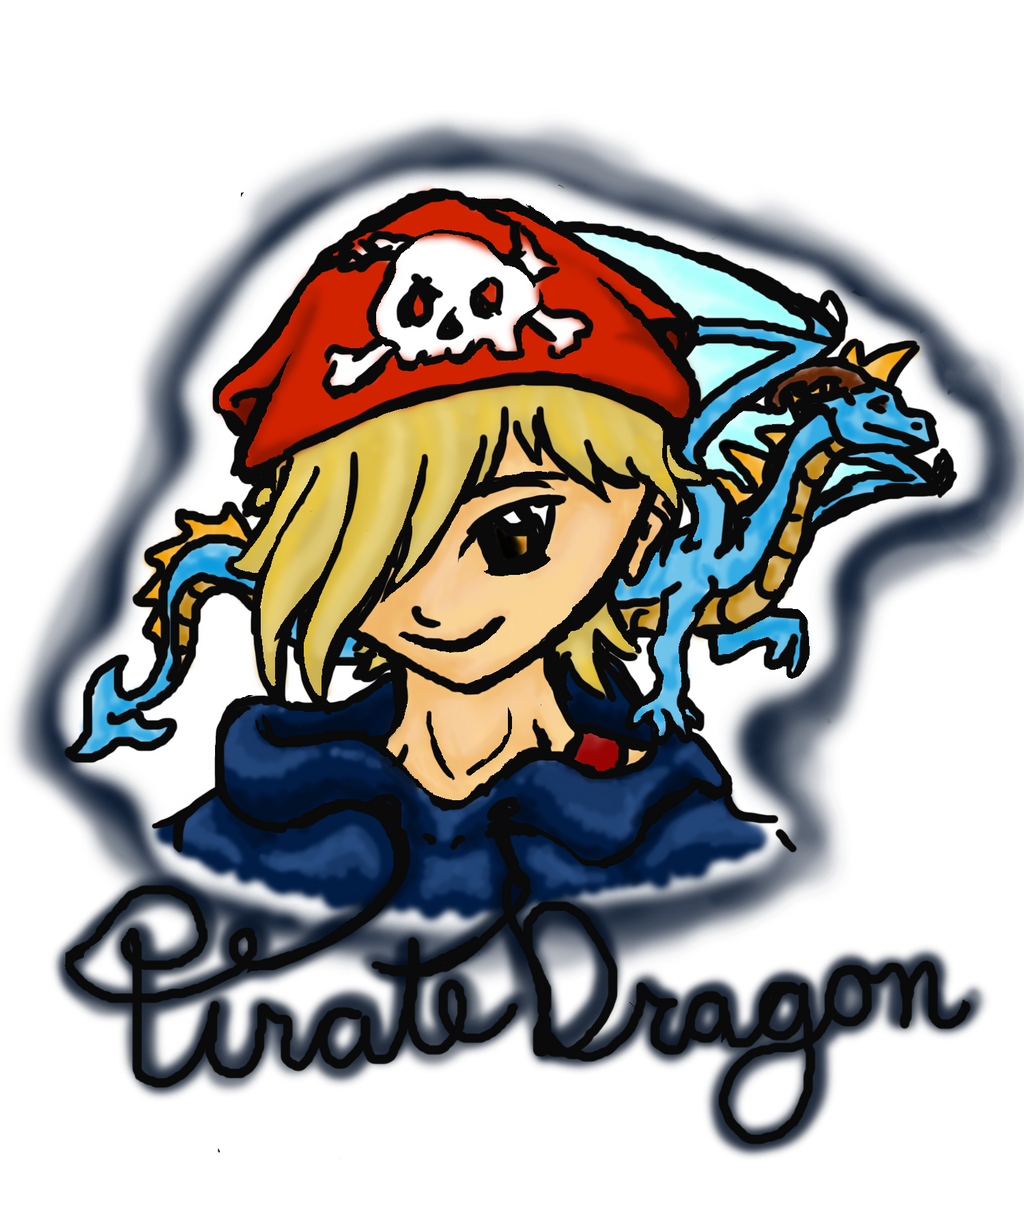 piratedragon0402's Profile Picture